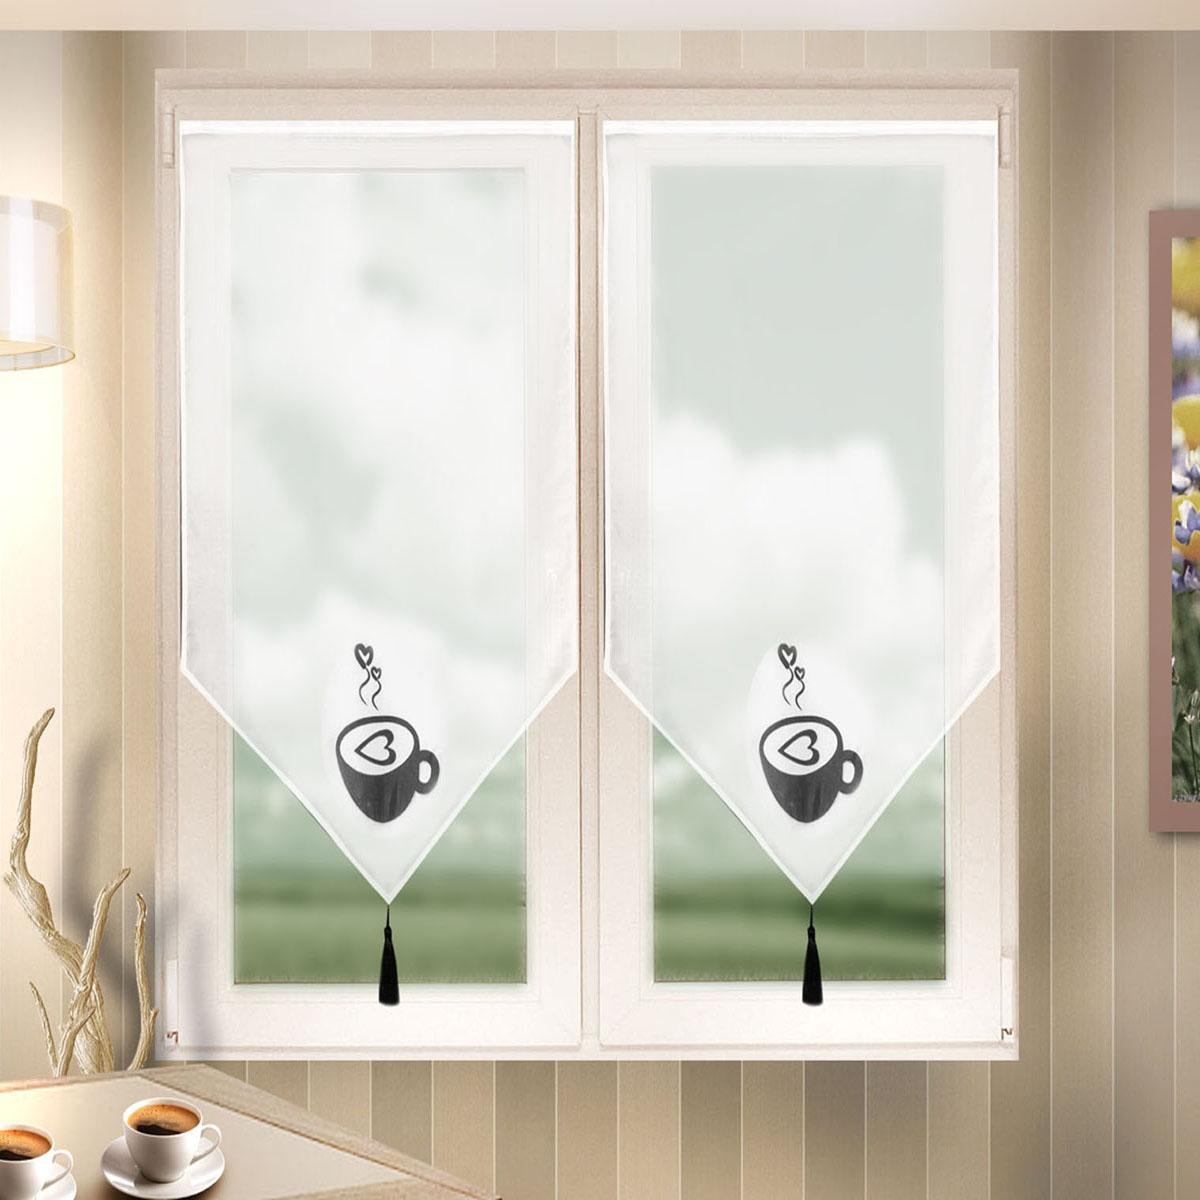 Гардина Zlata Korunka, на липкой ленте, цвет: белый, высота 120 см. 666024/1666024/1Гардина на липкой ленте Zlata Korunka, изготовленная из полиэстера, станет великолепным украшением любого окна. Полотно из белой вуали с печатным рисунком привлечет к себе внимание и органично впишется в интерьер комнаты. Лучшая альтернатива рулонным шторам - шторы на липкой ленте. Особенность этих штор заключается в том, что они имеют липкую основу в месте крепления. Лента или основа надежно и быстро крепится на раму окна, а на нее фиксируется сама штора.